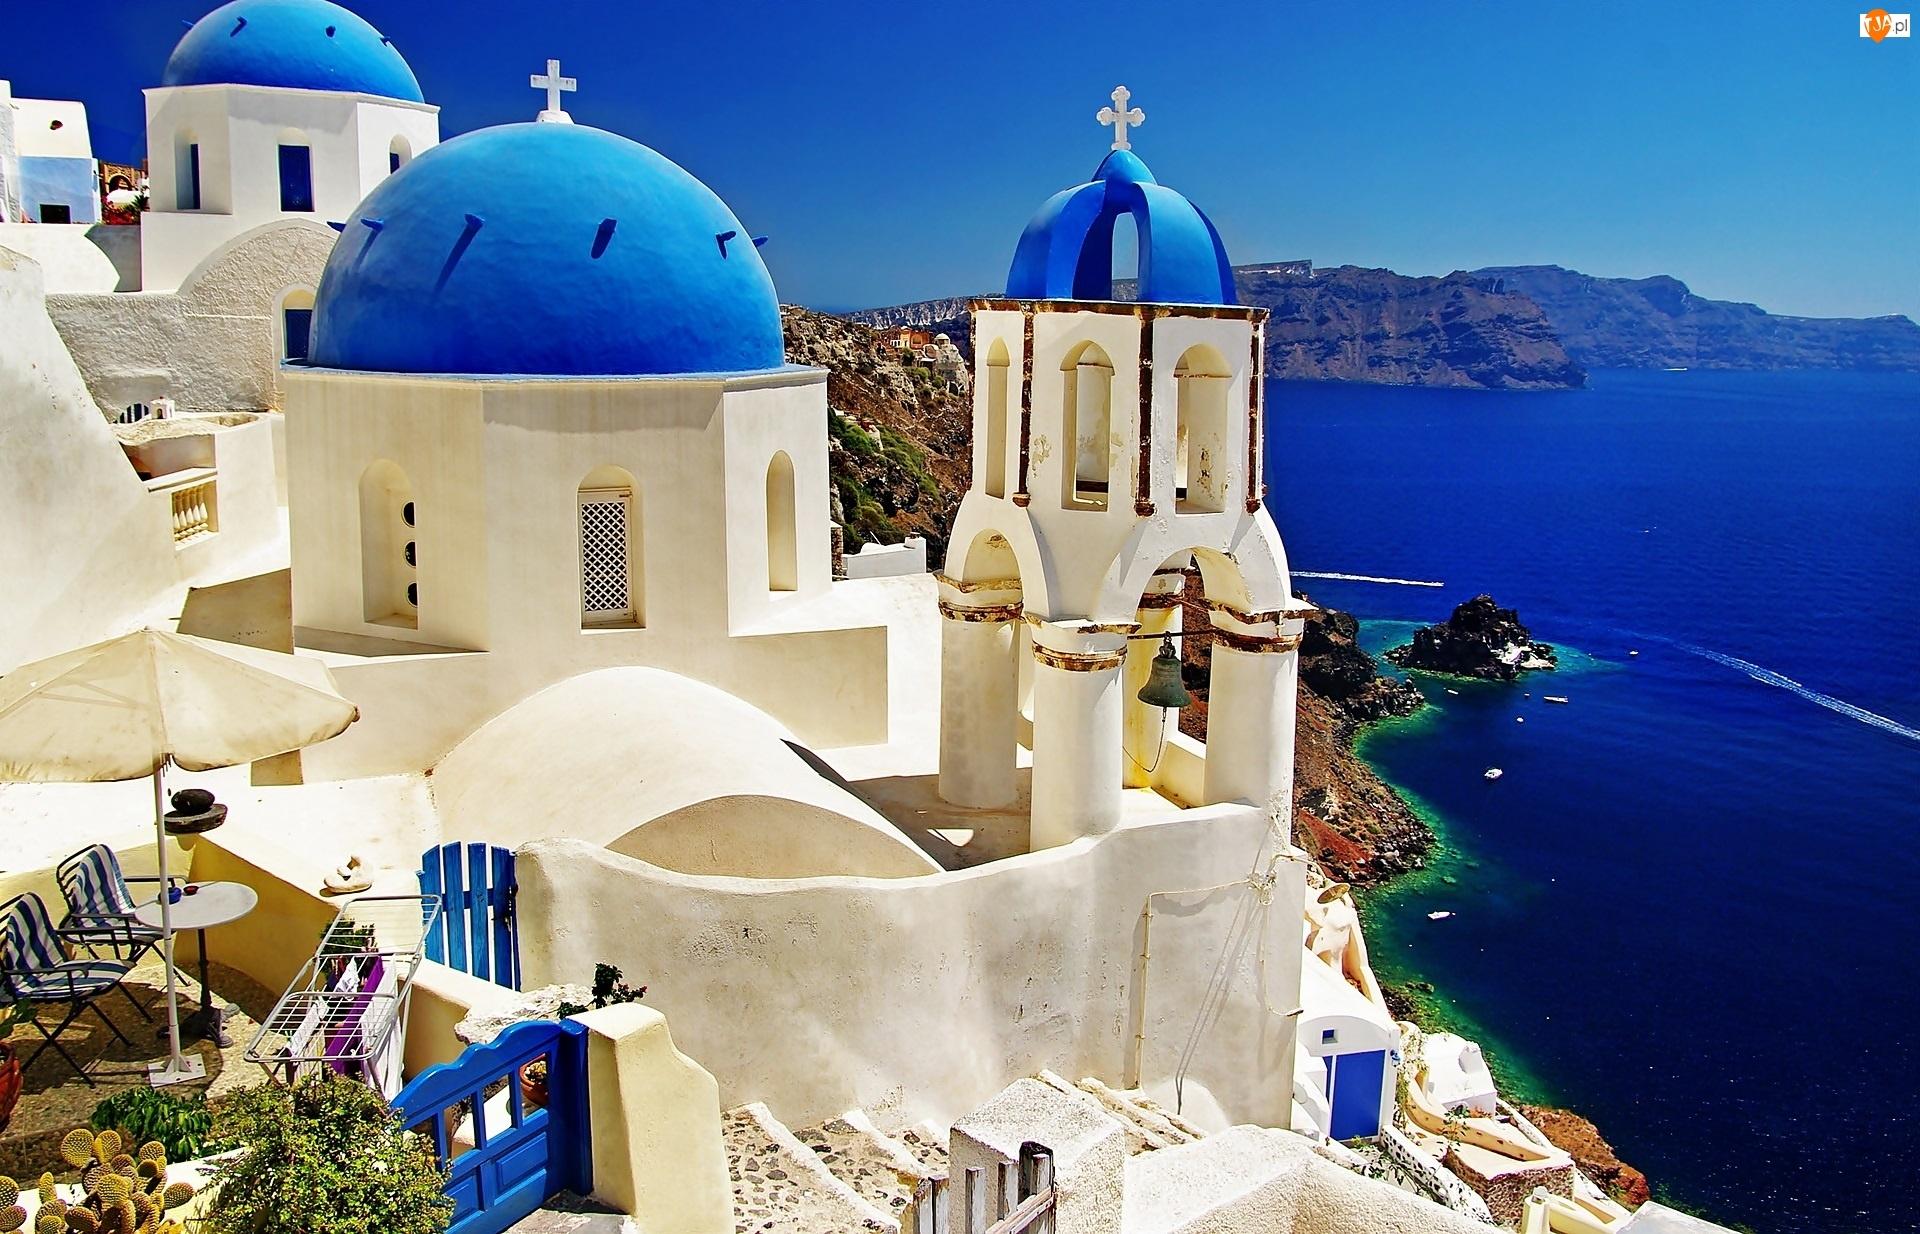 Santorini, Grecja, Morze, Cerkiew